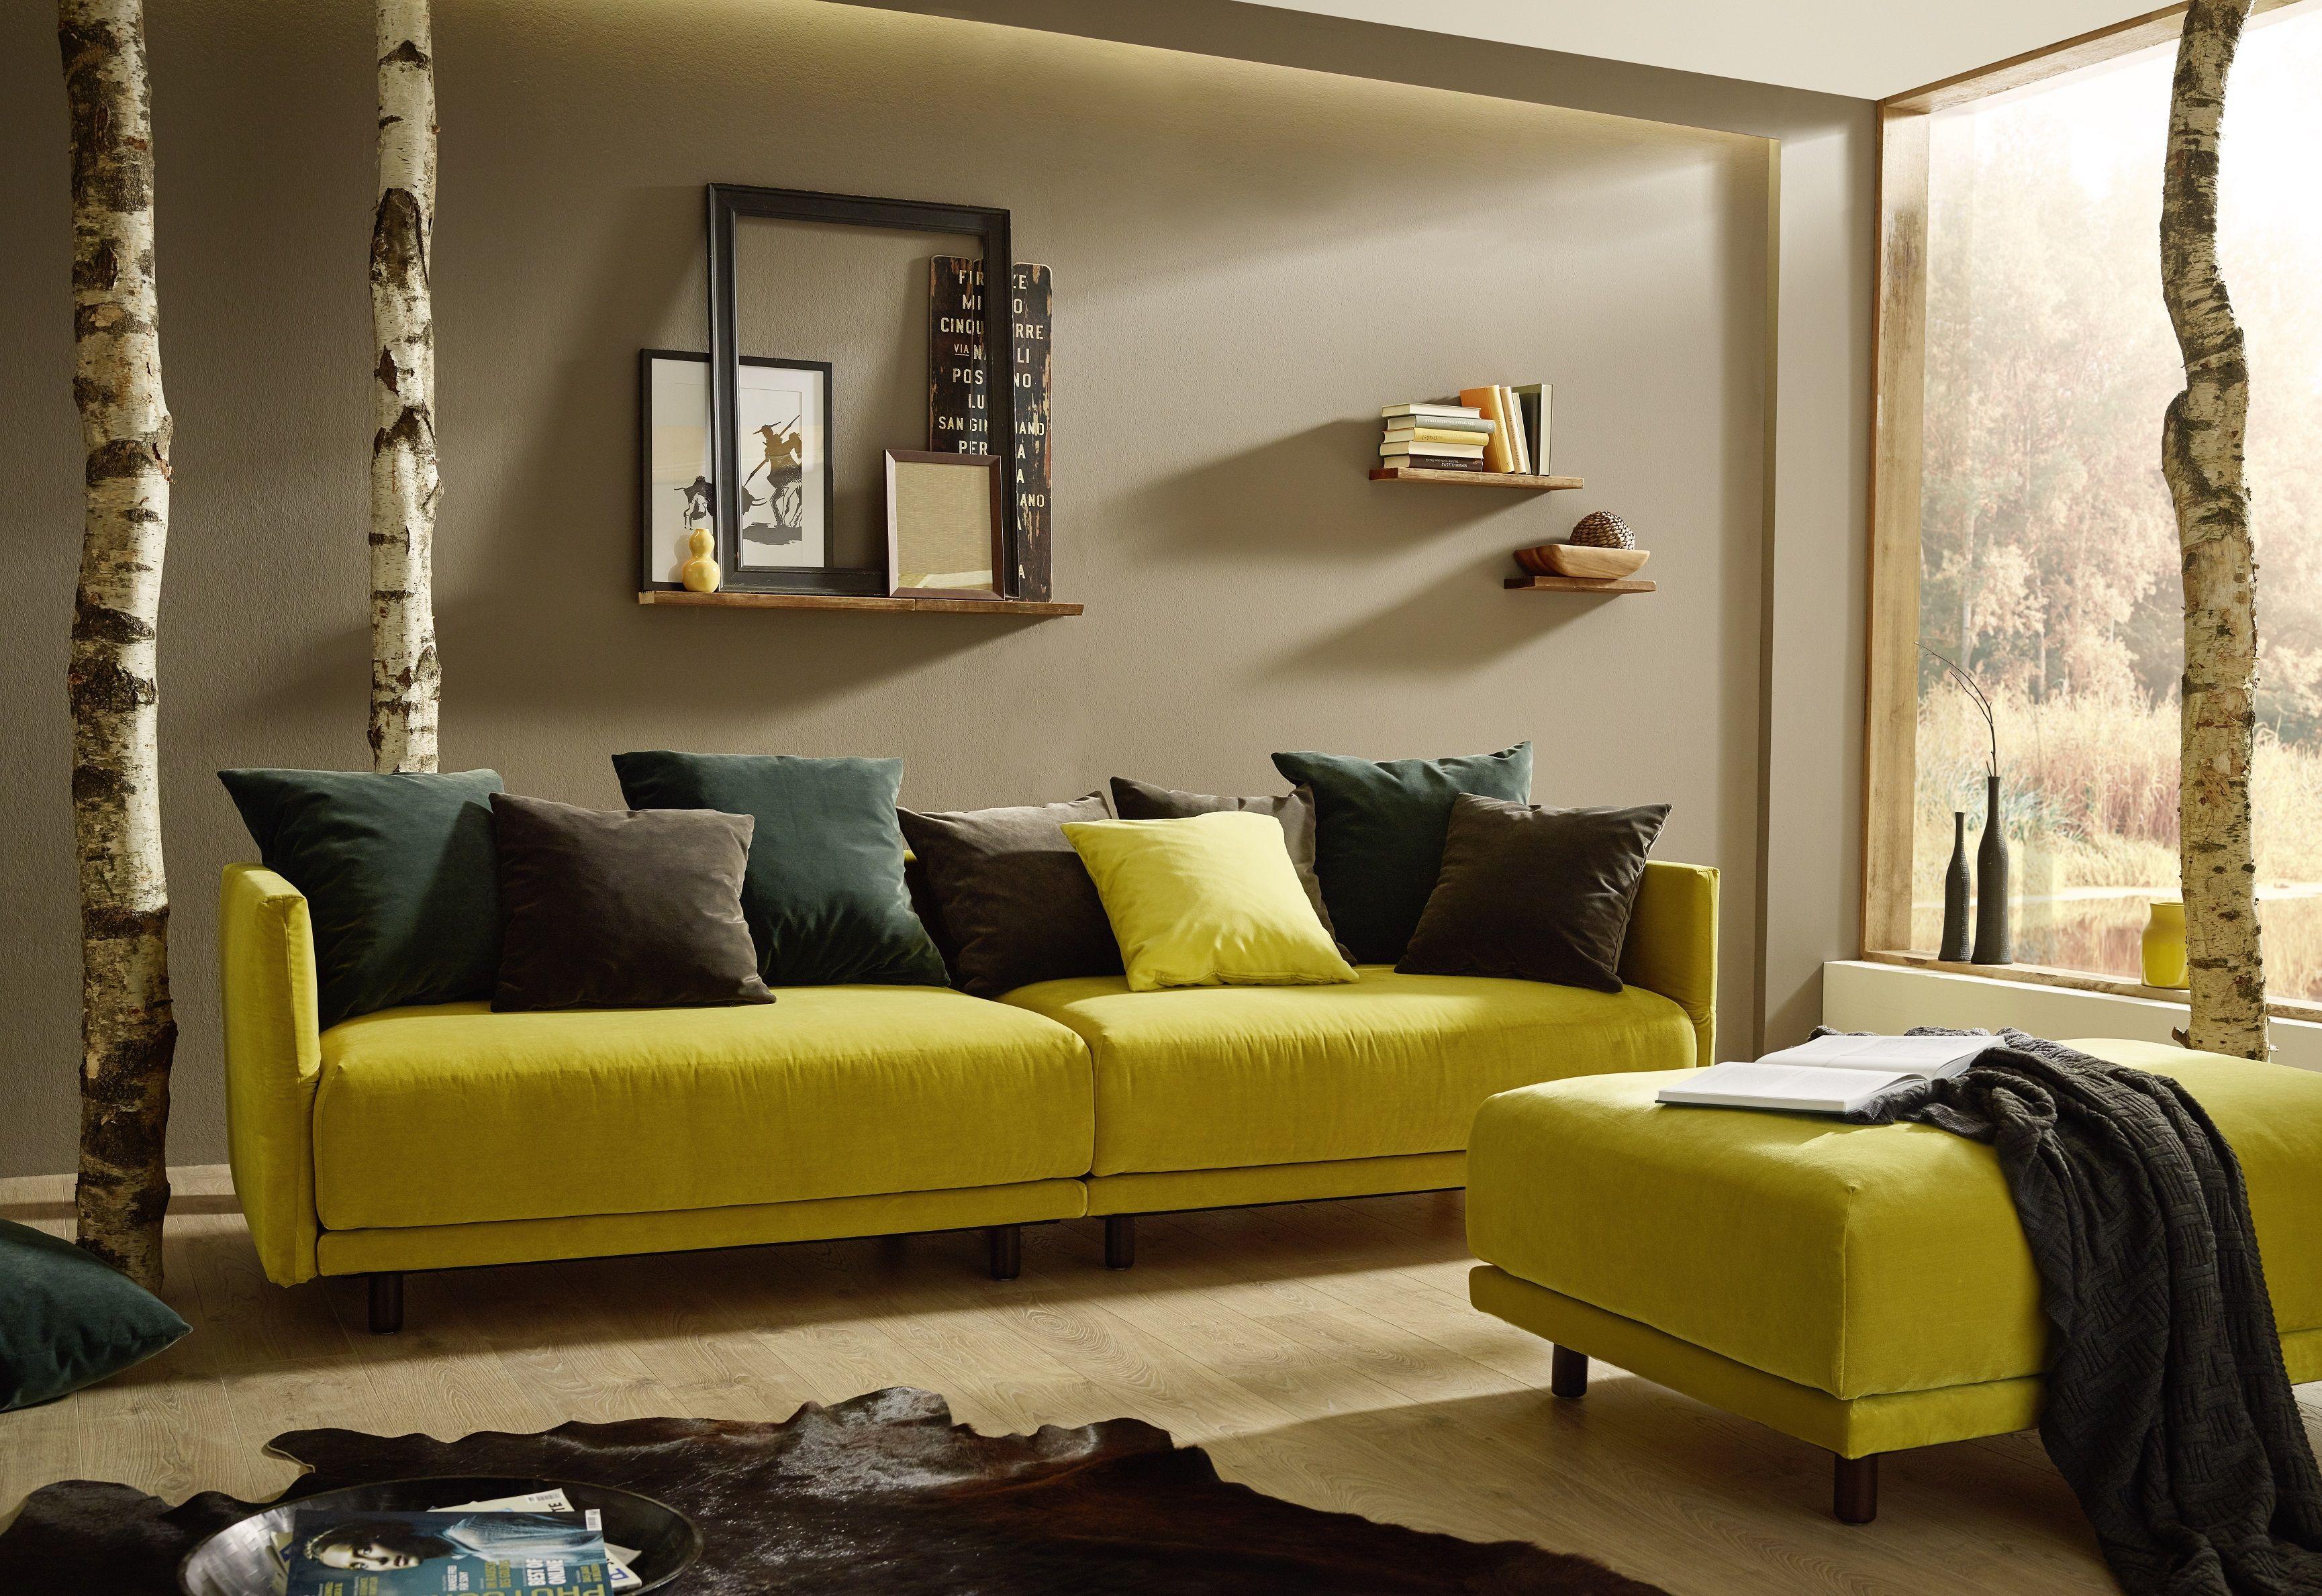 Polstermöbel nach Maß. Komfortabel und hochwertig   Ganzheitlich ...